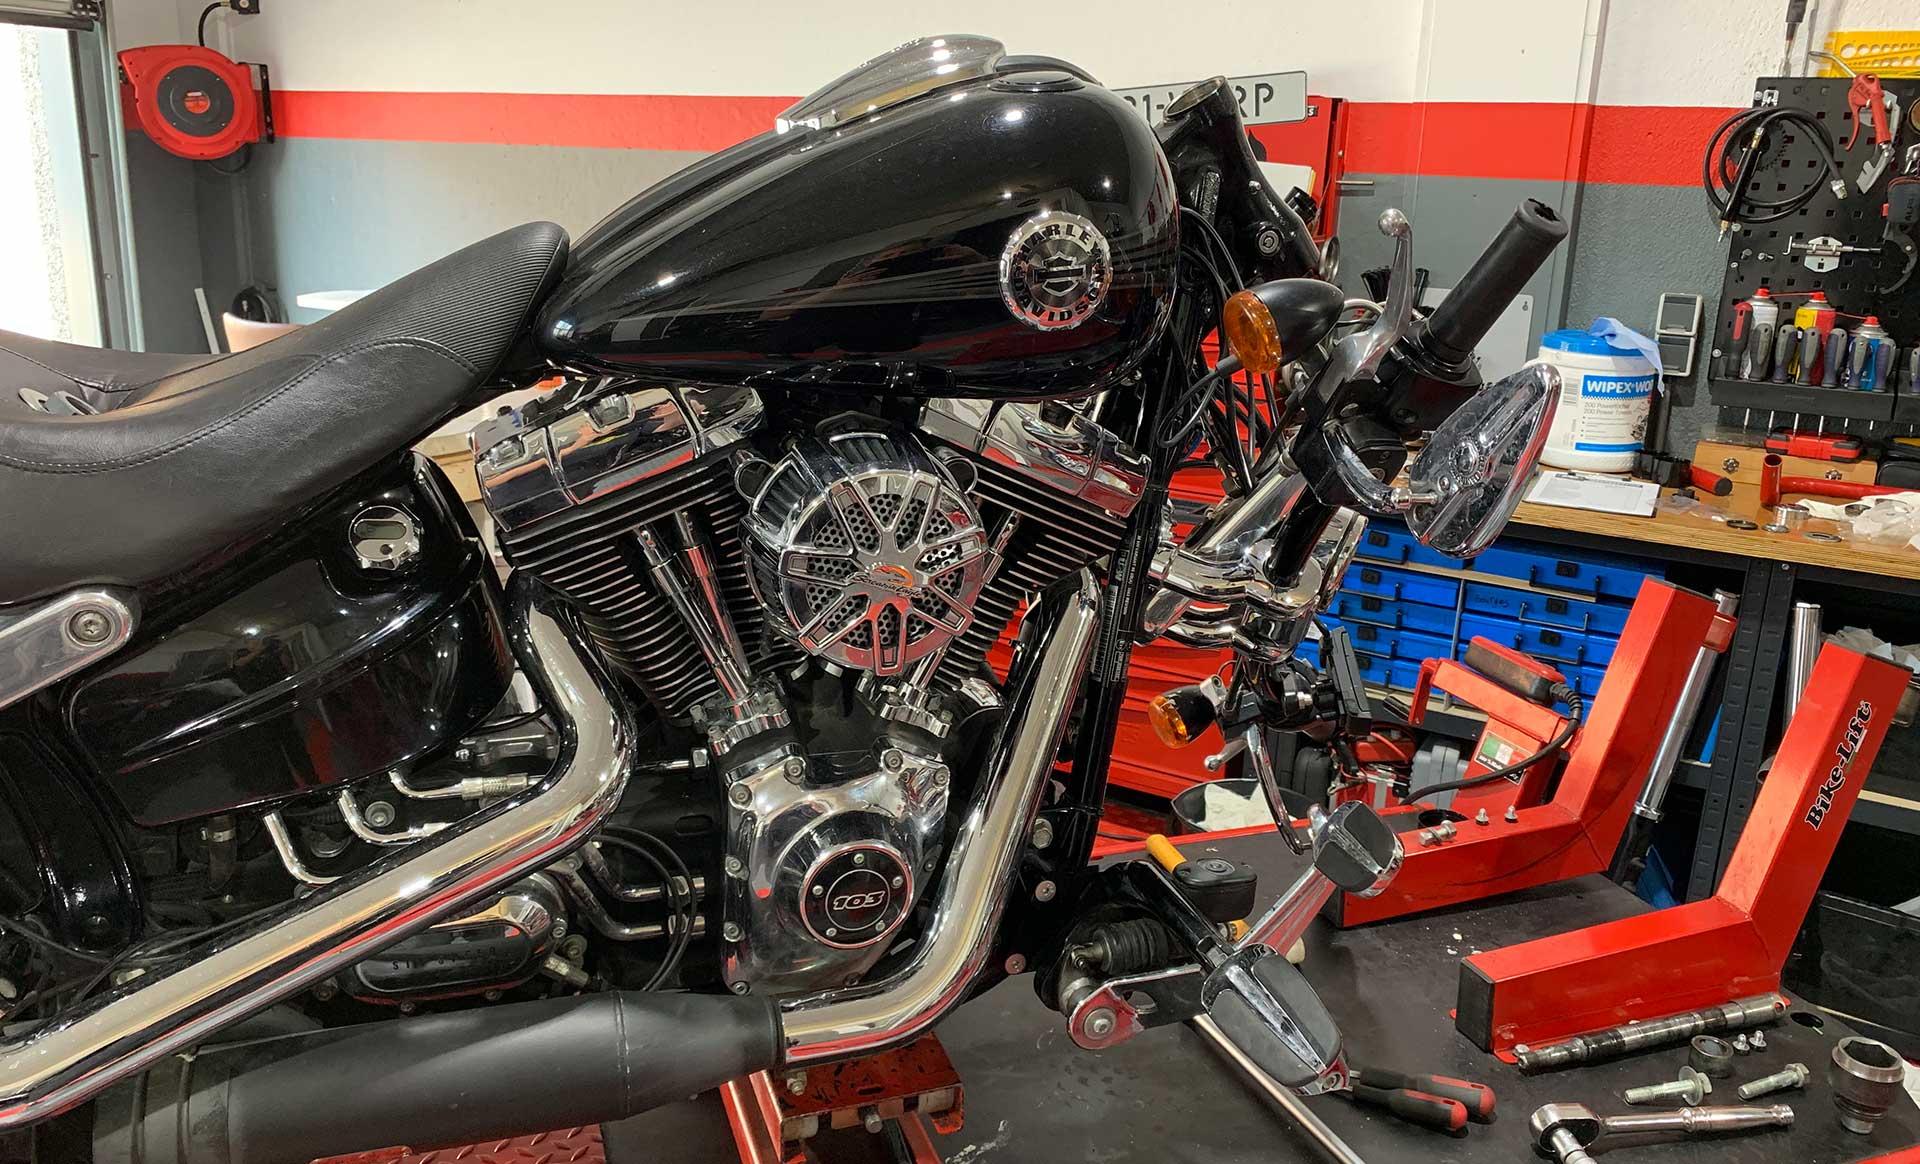 Reparatie en onderhoud van uw motor - werkplaats DMT Motorservice